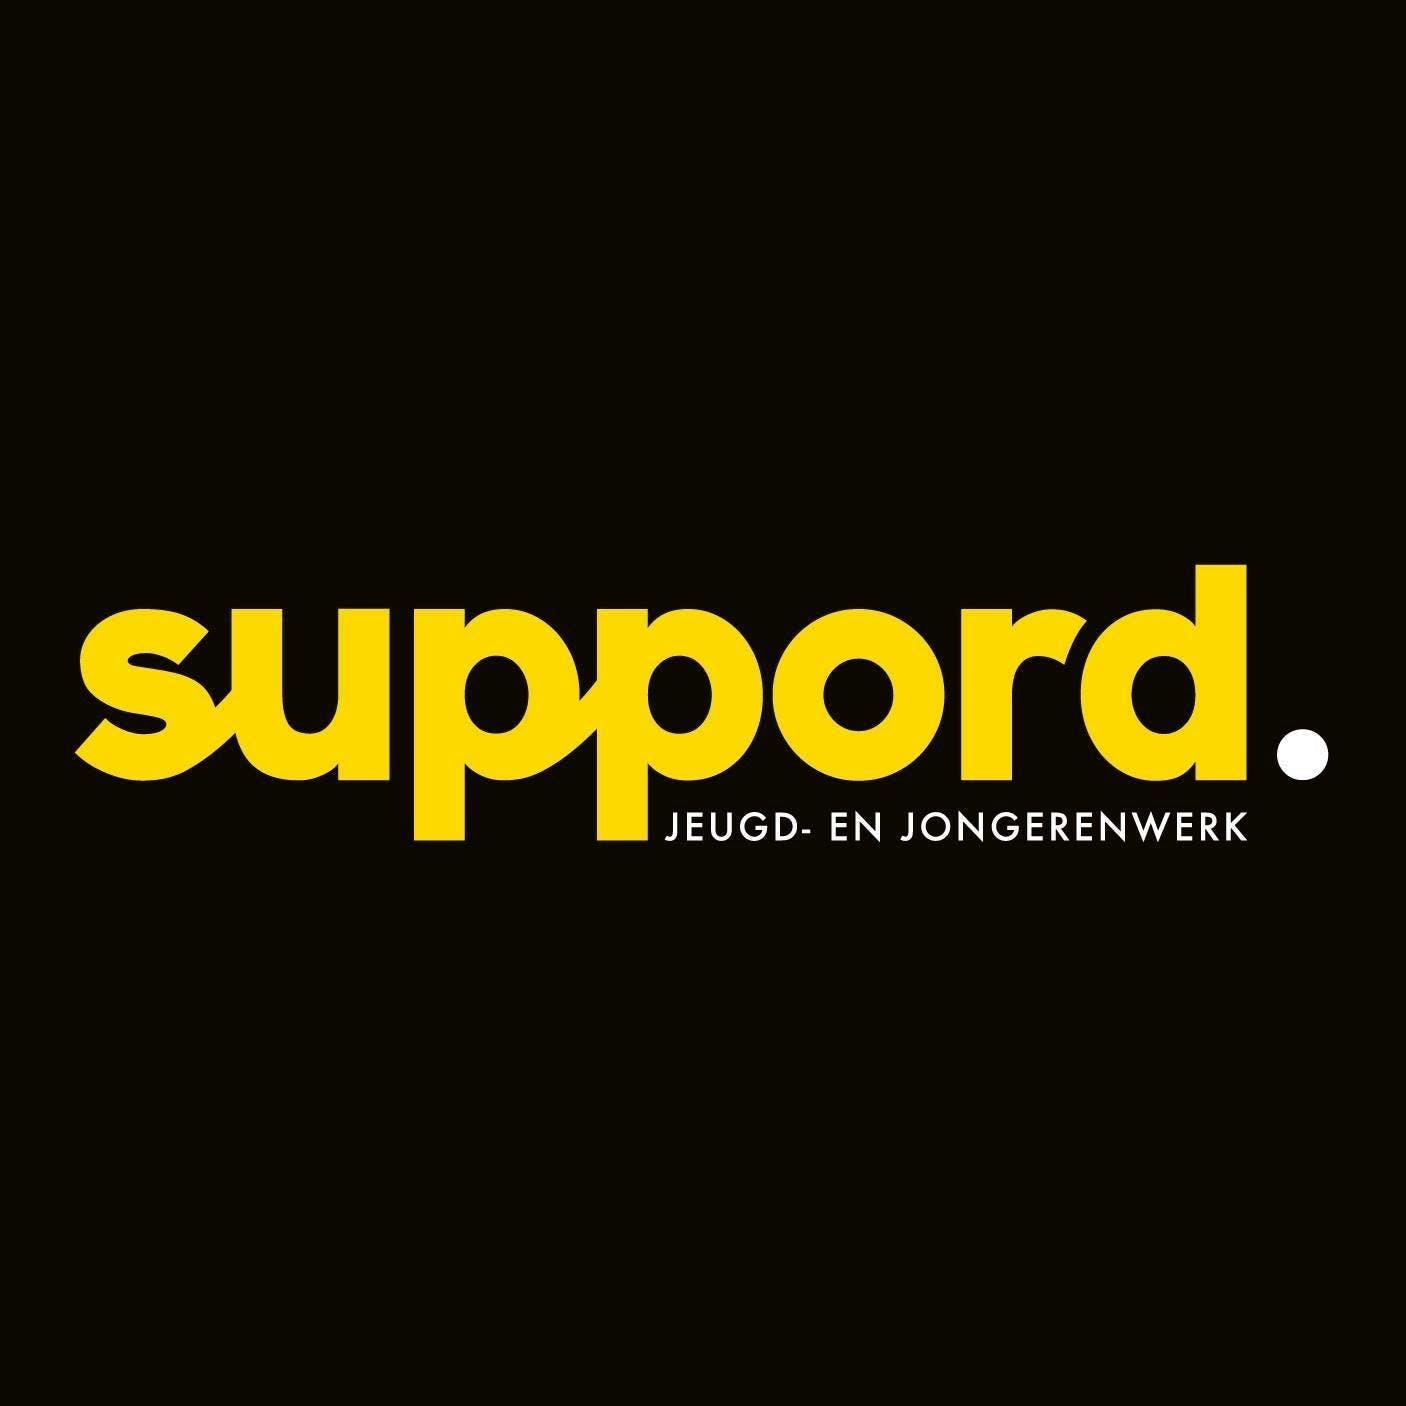 Criminoloog Jeroen van den Broek ondersteunt namens Partner in Crime Suppord (het Jeugd- en Jongerenwerk van de gemeente Papendrecht) bij de implementatie van Online Jongerenwerk binnen de organisatie.